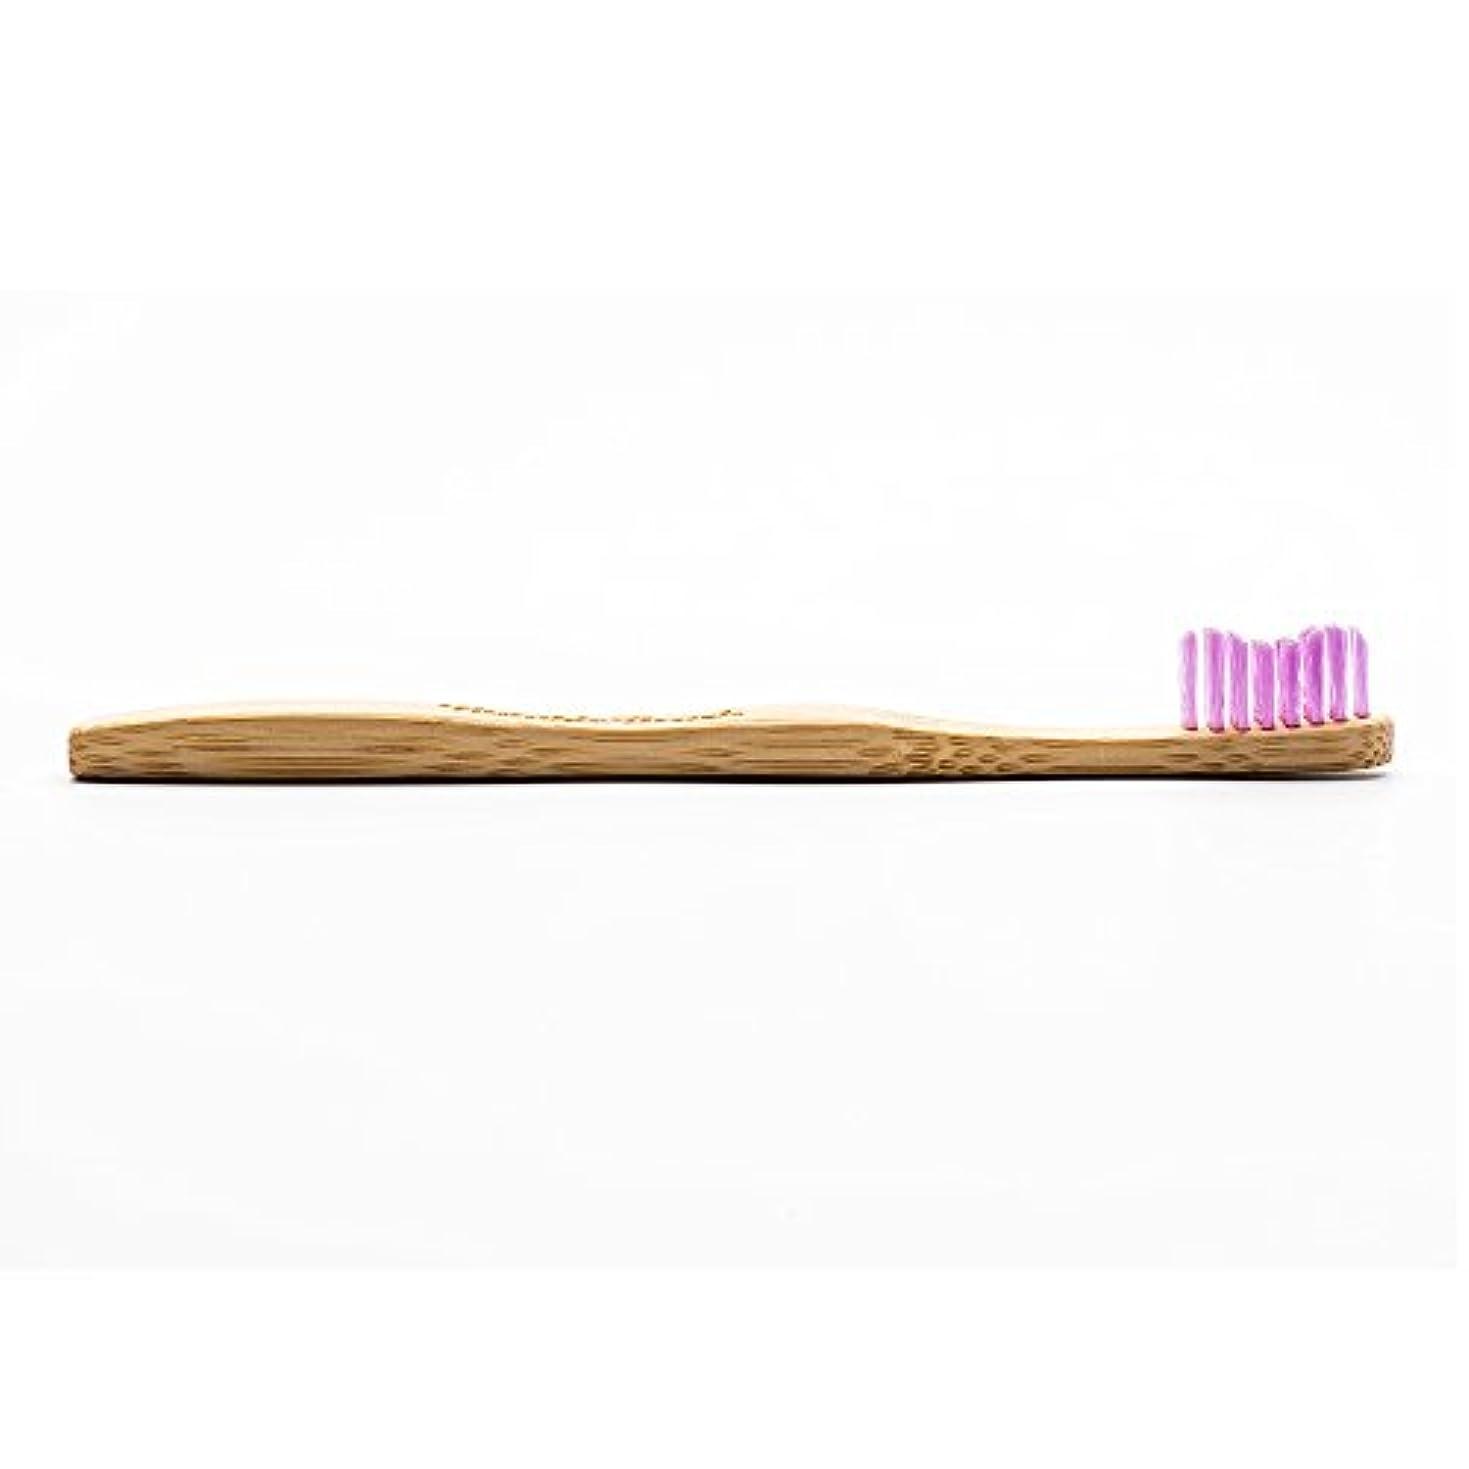 判定減衰ヒップHUMBLE BRUSH(ハンブルブラッシュ) 歯ブラシ キッズ パープル